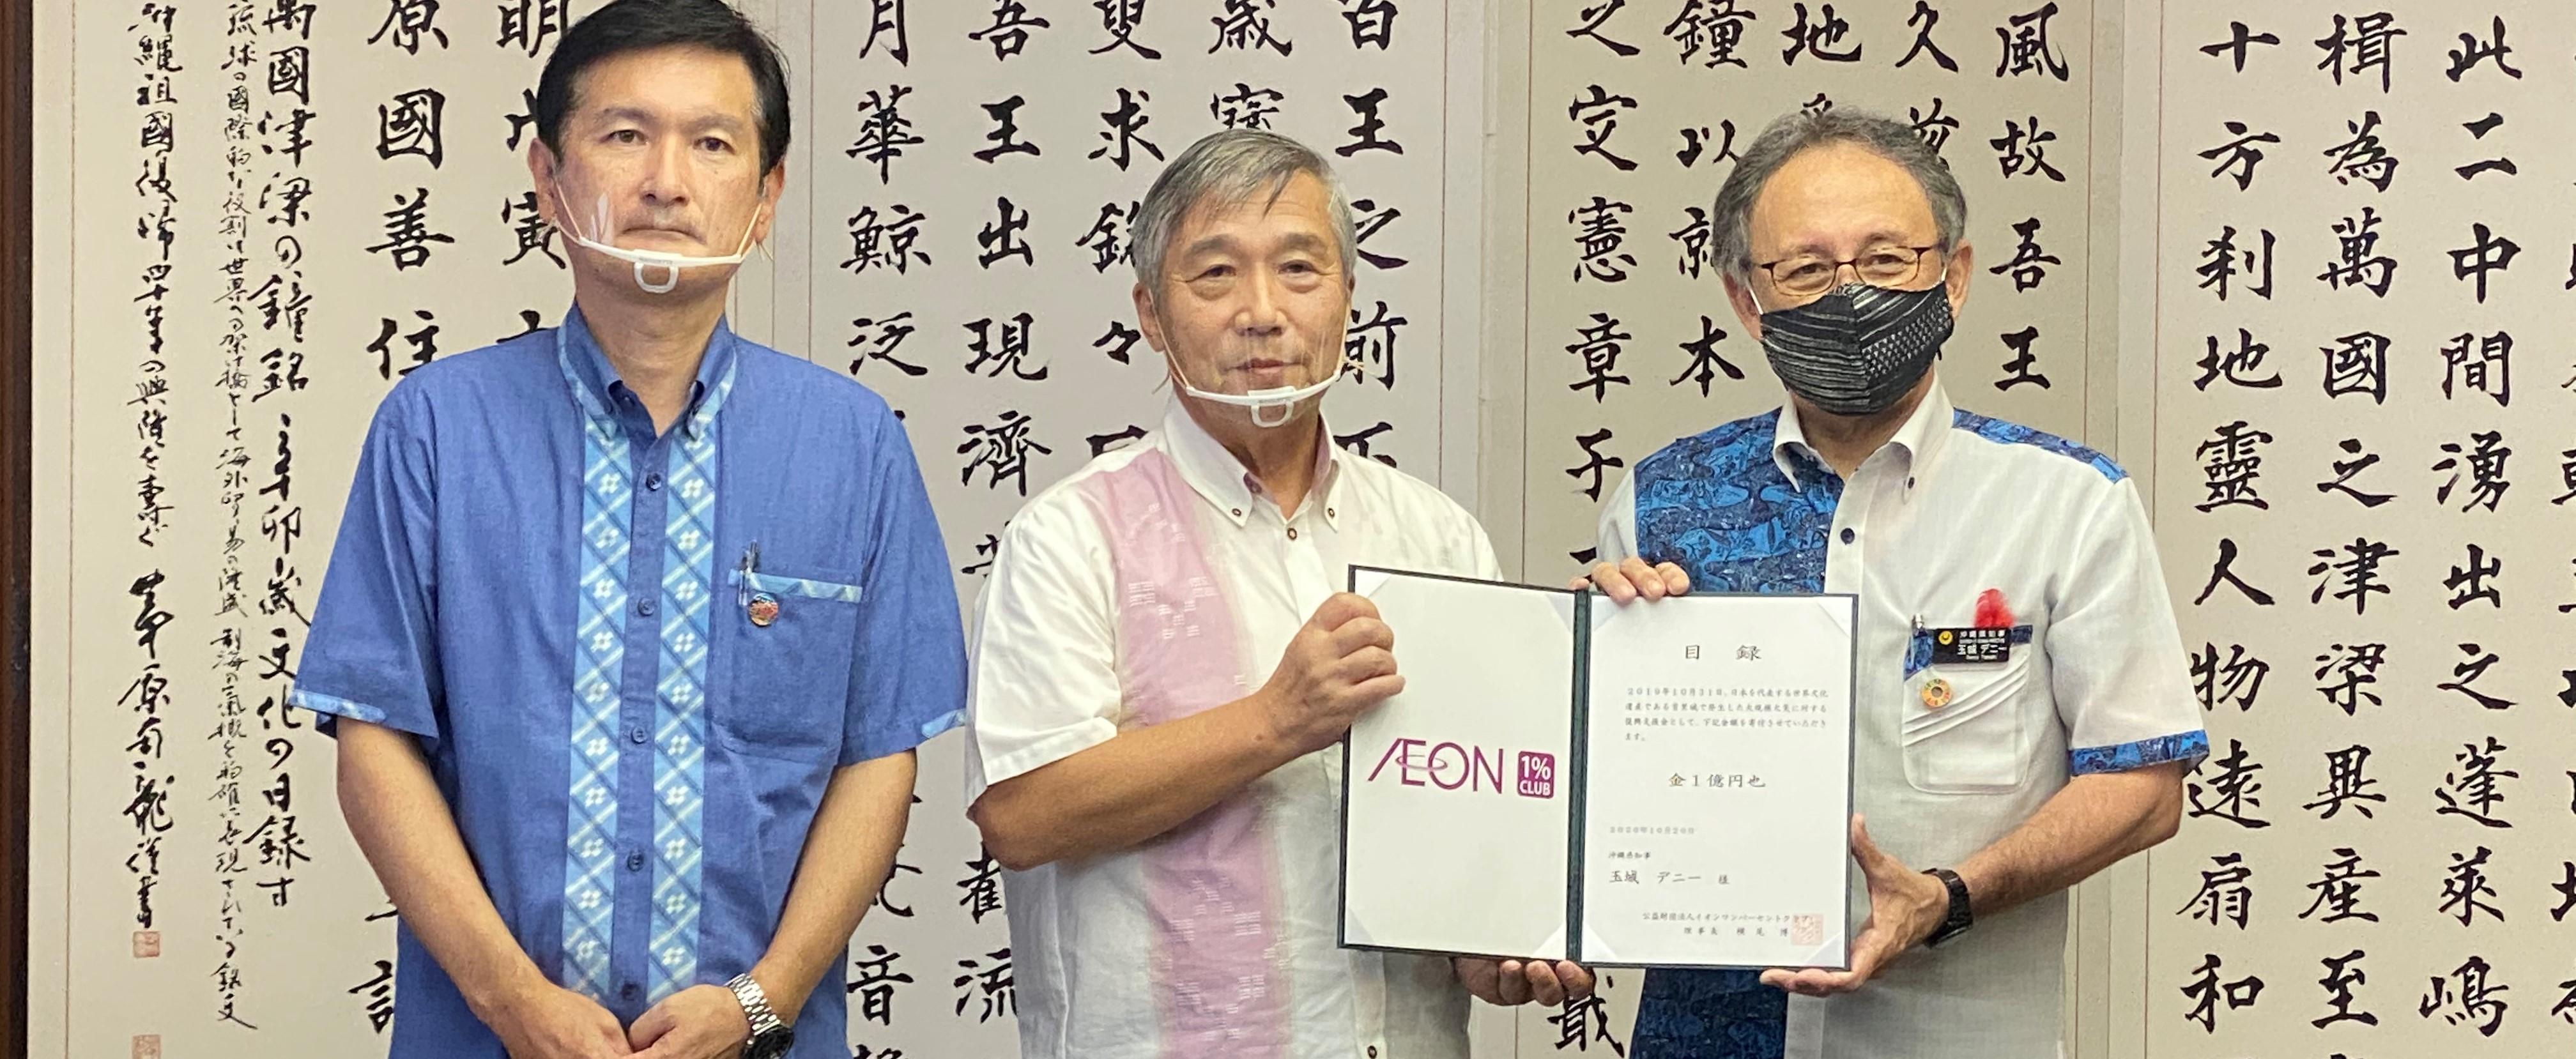 首里城復興支援 イオンが発足した「イオン首里城復興プロジェクト」に賛同し、10月20日(火)、首里城復興支援金1億円を沖縄県に 贈呈いたしました。